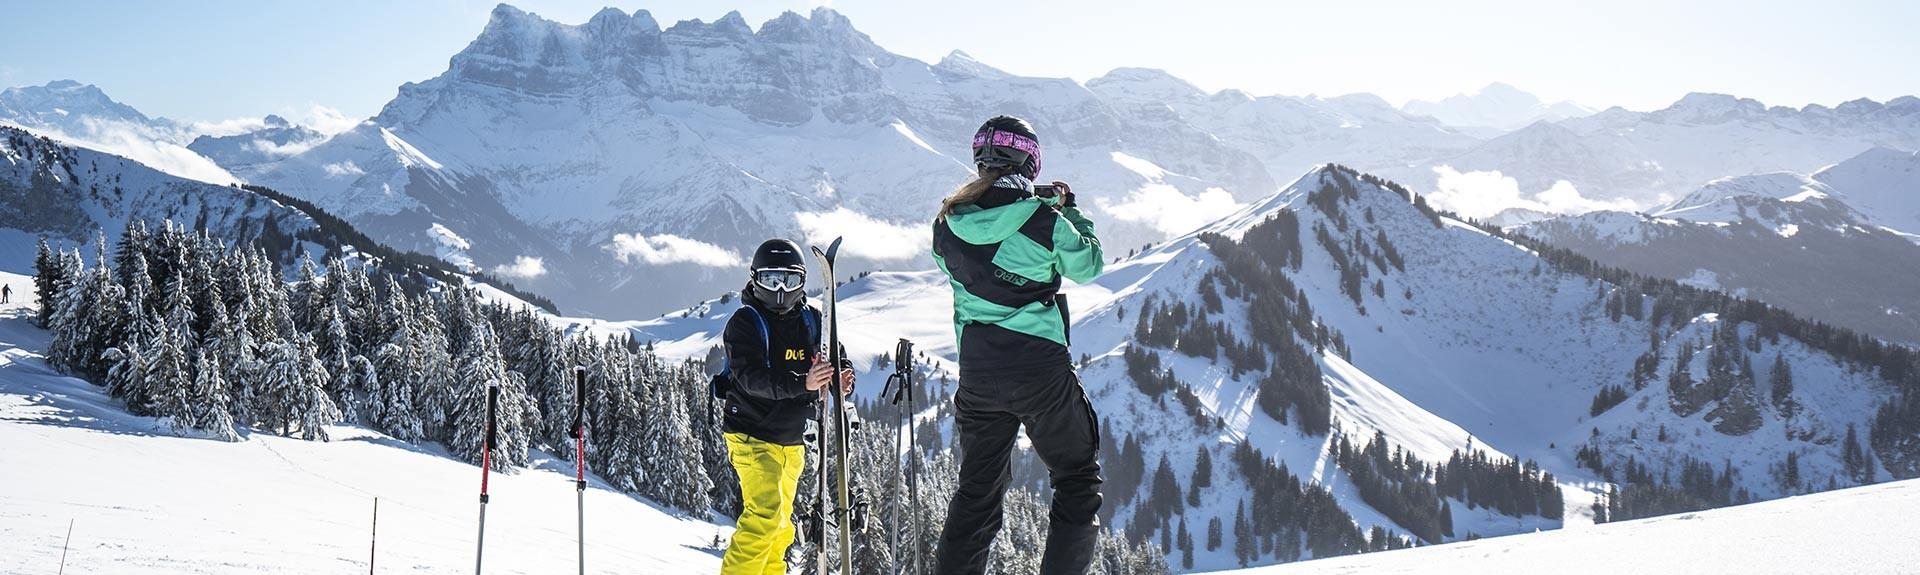 Skiën & glijsporten met het gezin